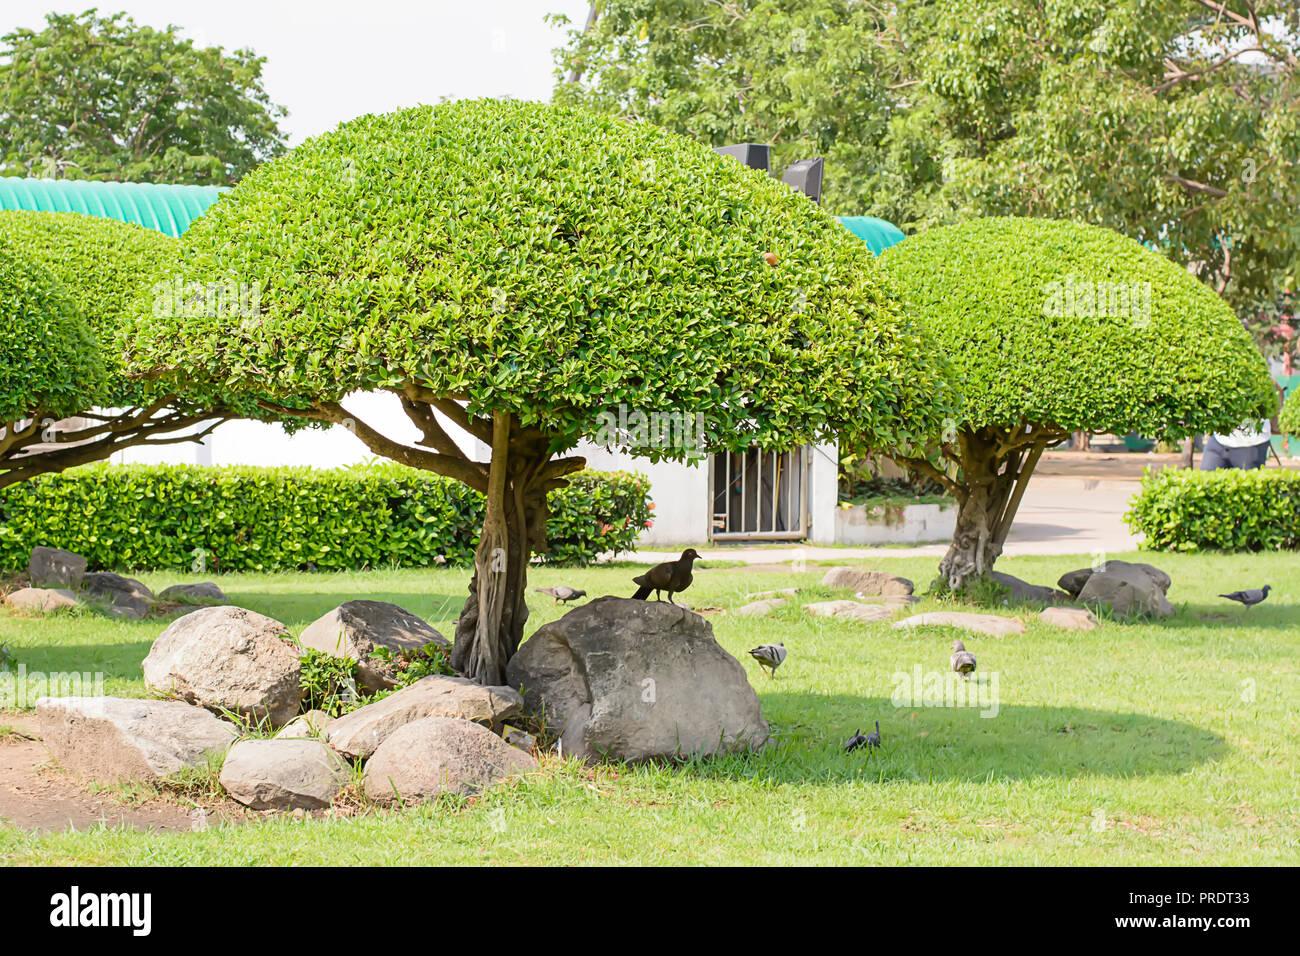 Die Vögel & Baum schöne Verkleidung im Garten Stockfoto, Bild ...